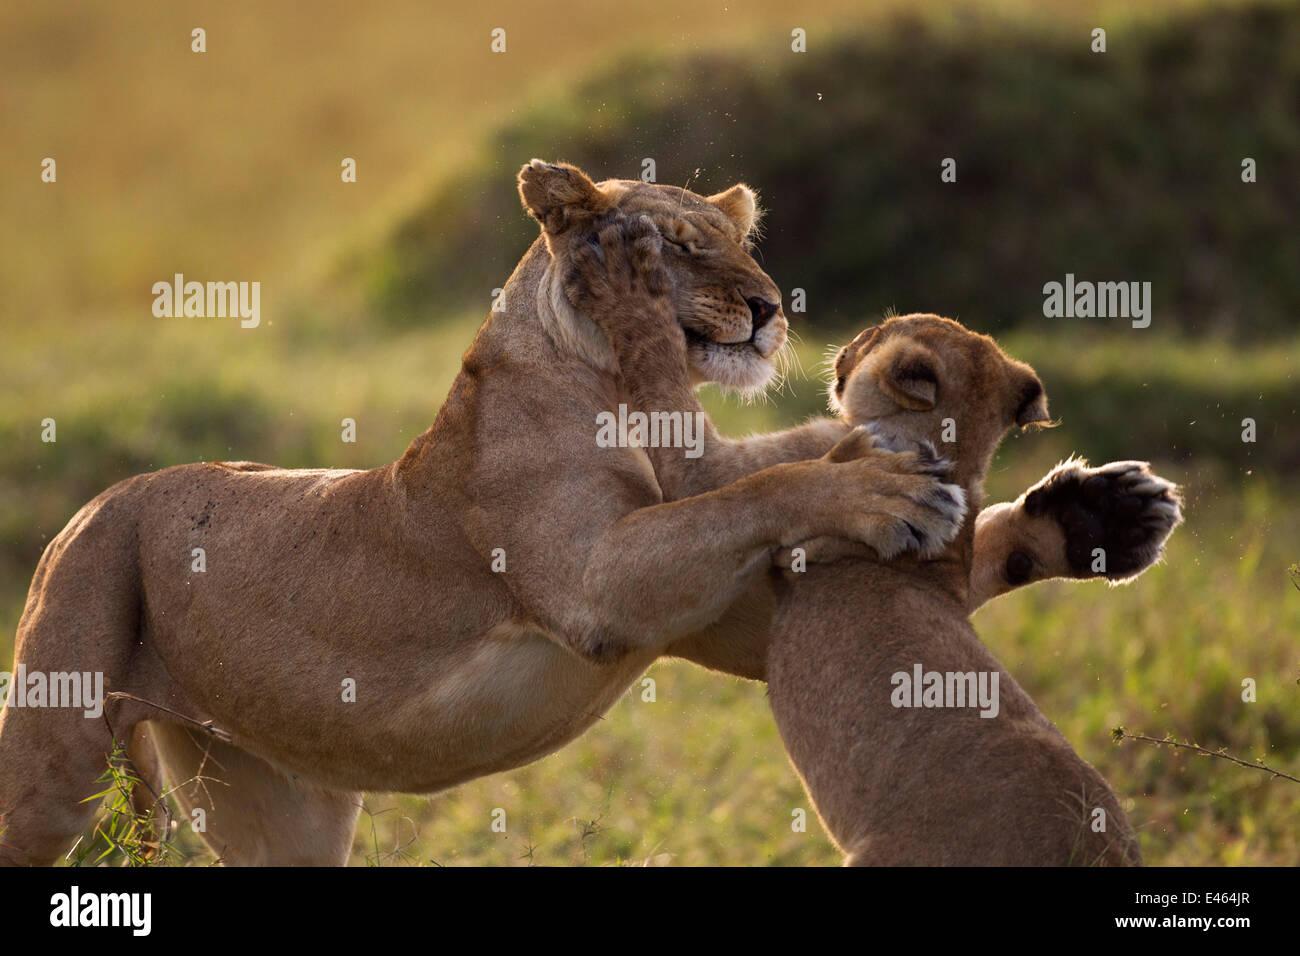 Löwin (Panthera Leo) spielt mit einem jungen im Alter von 9 bis 12 Monaten, Masai Mara National Reserve, Kenia, Stockbild